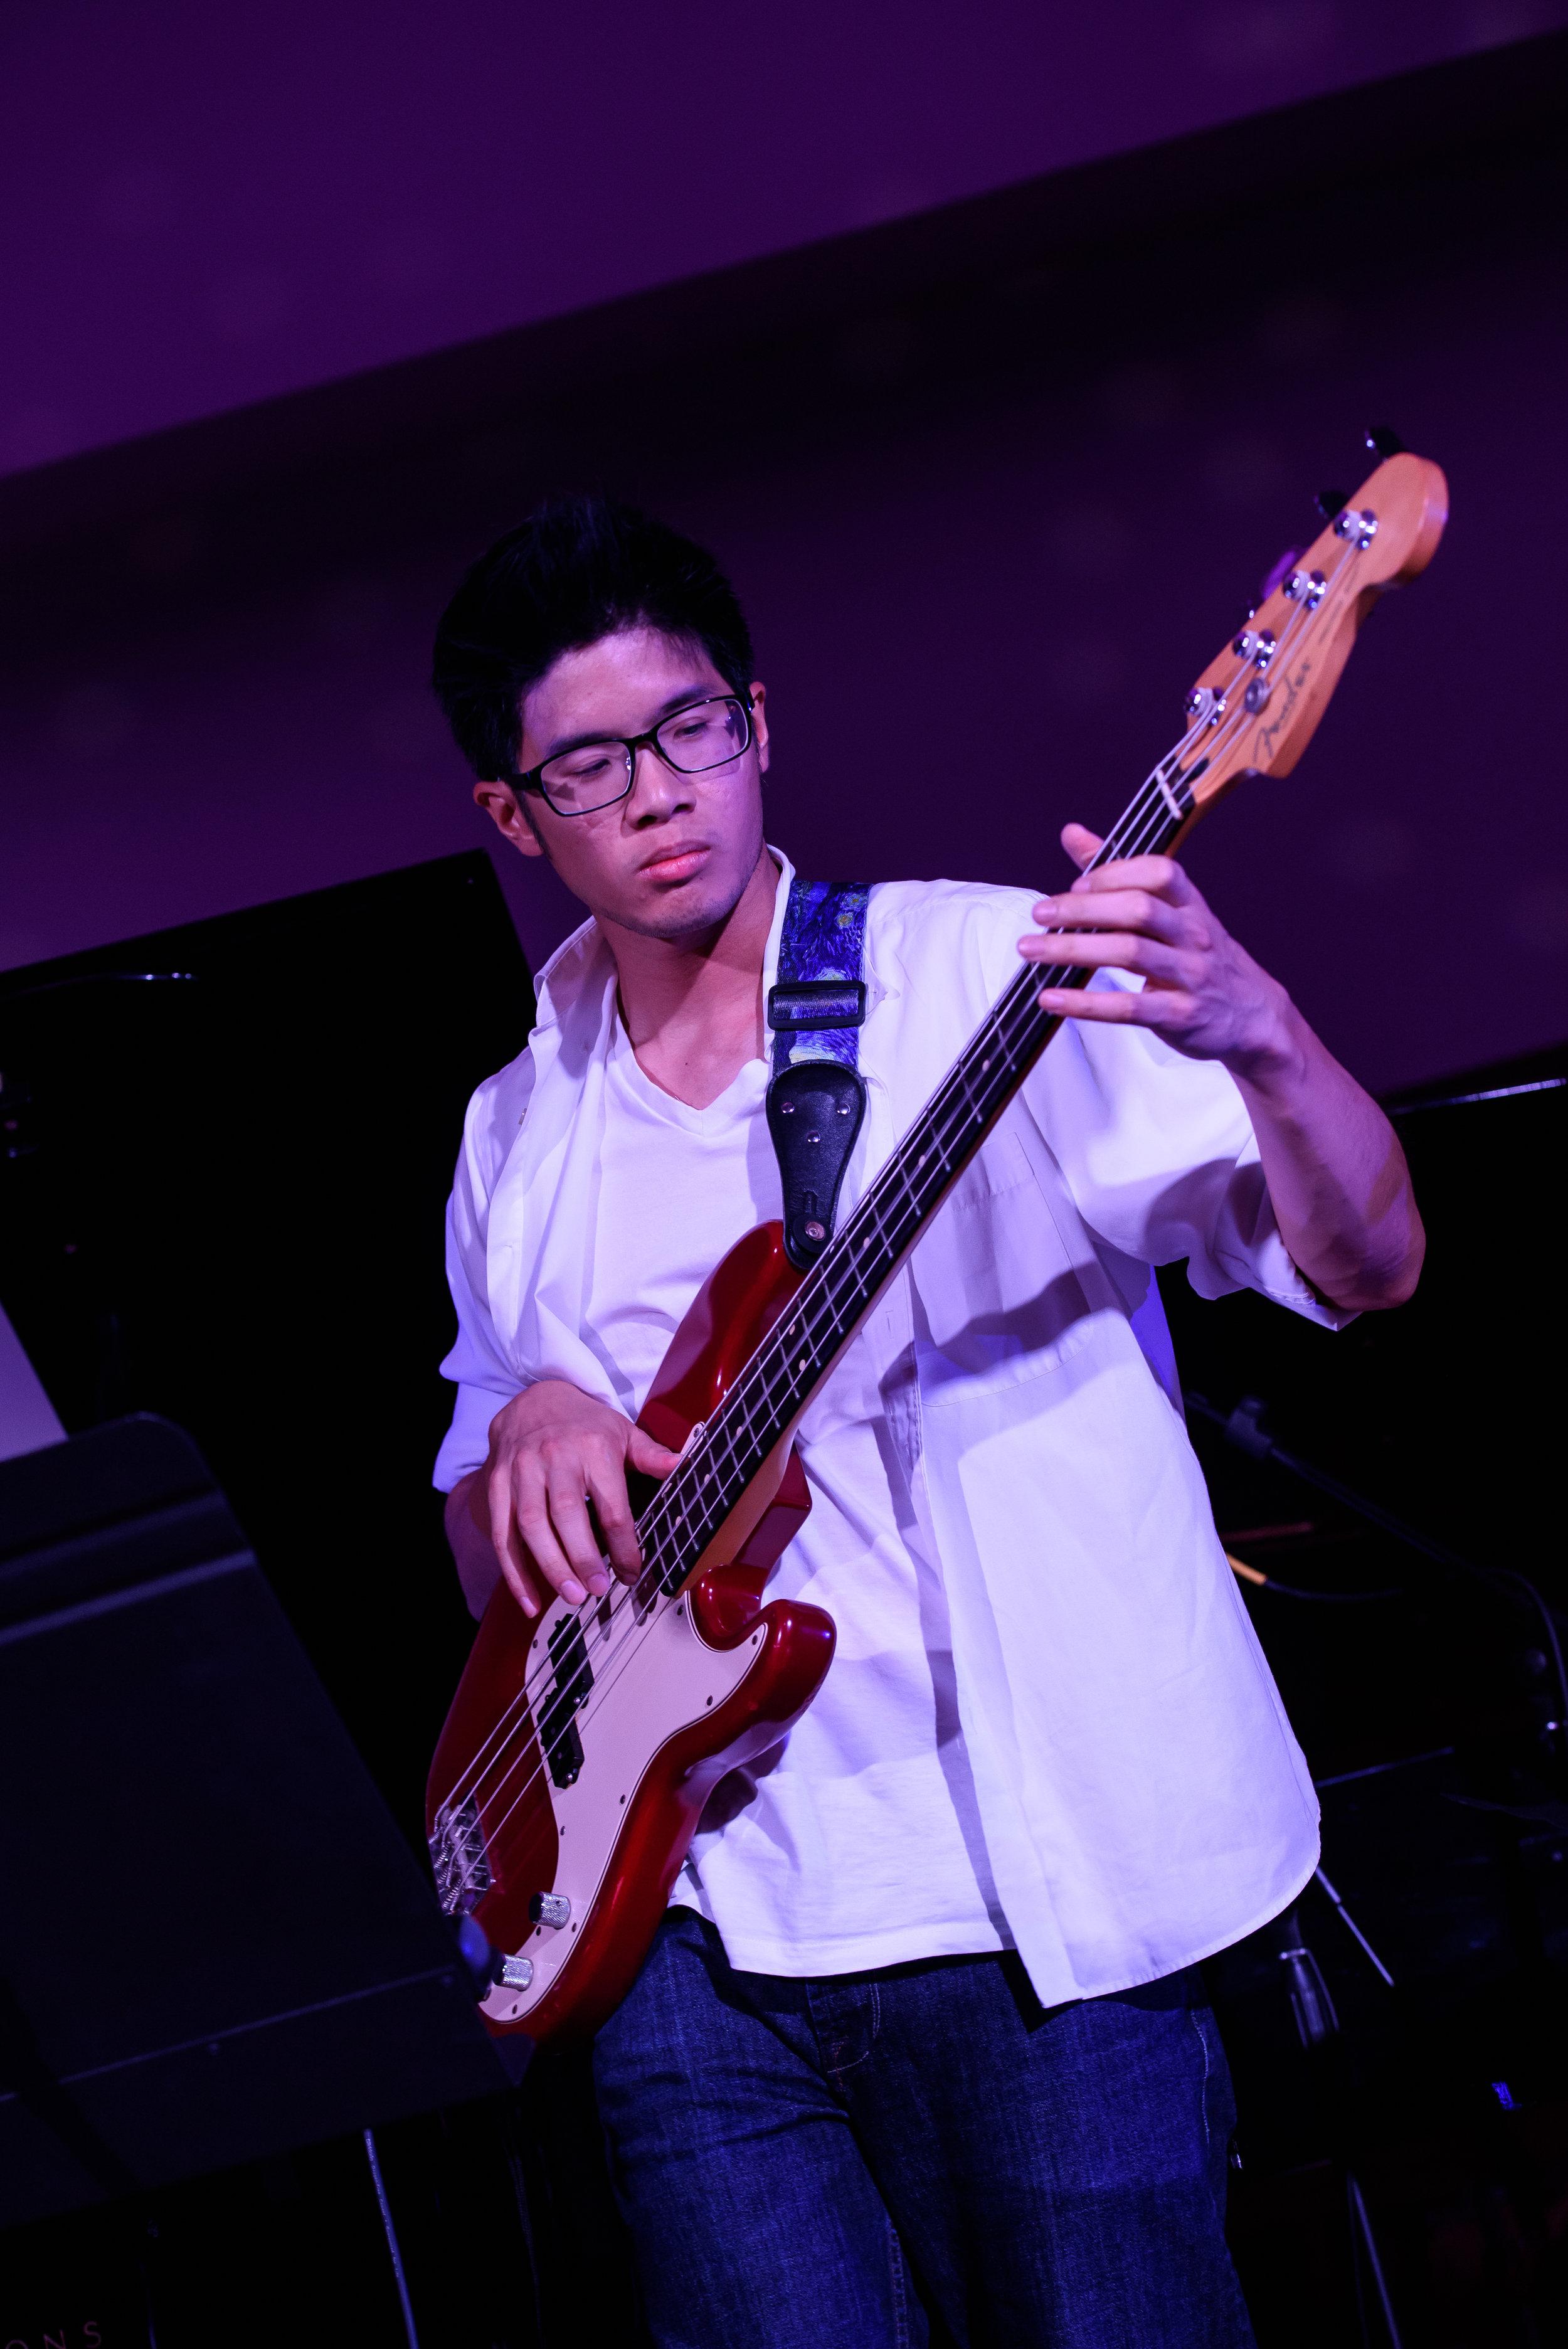 David Loke ('15, Violin) in performance.